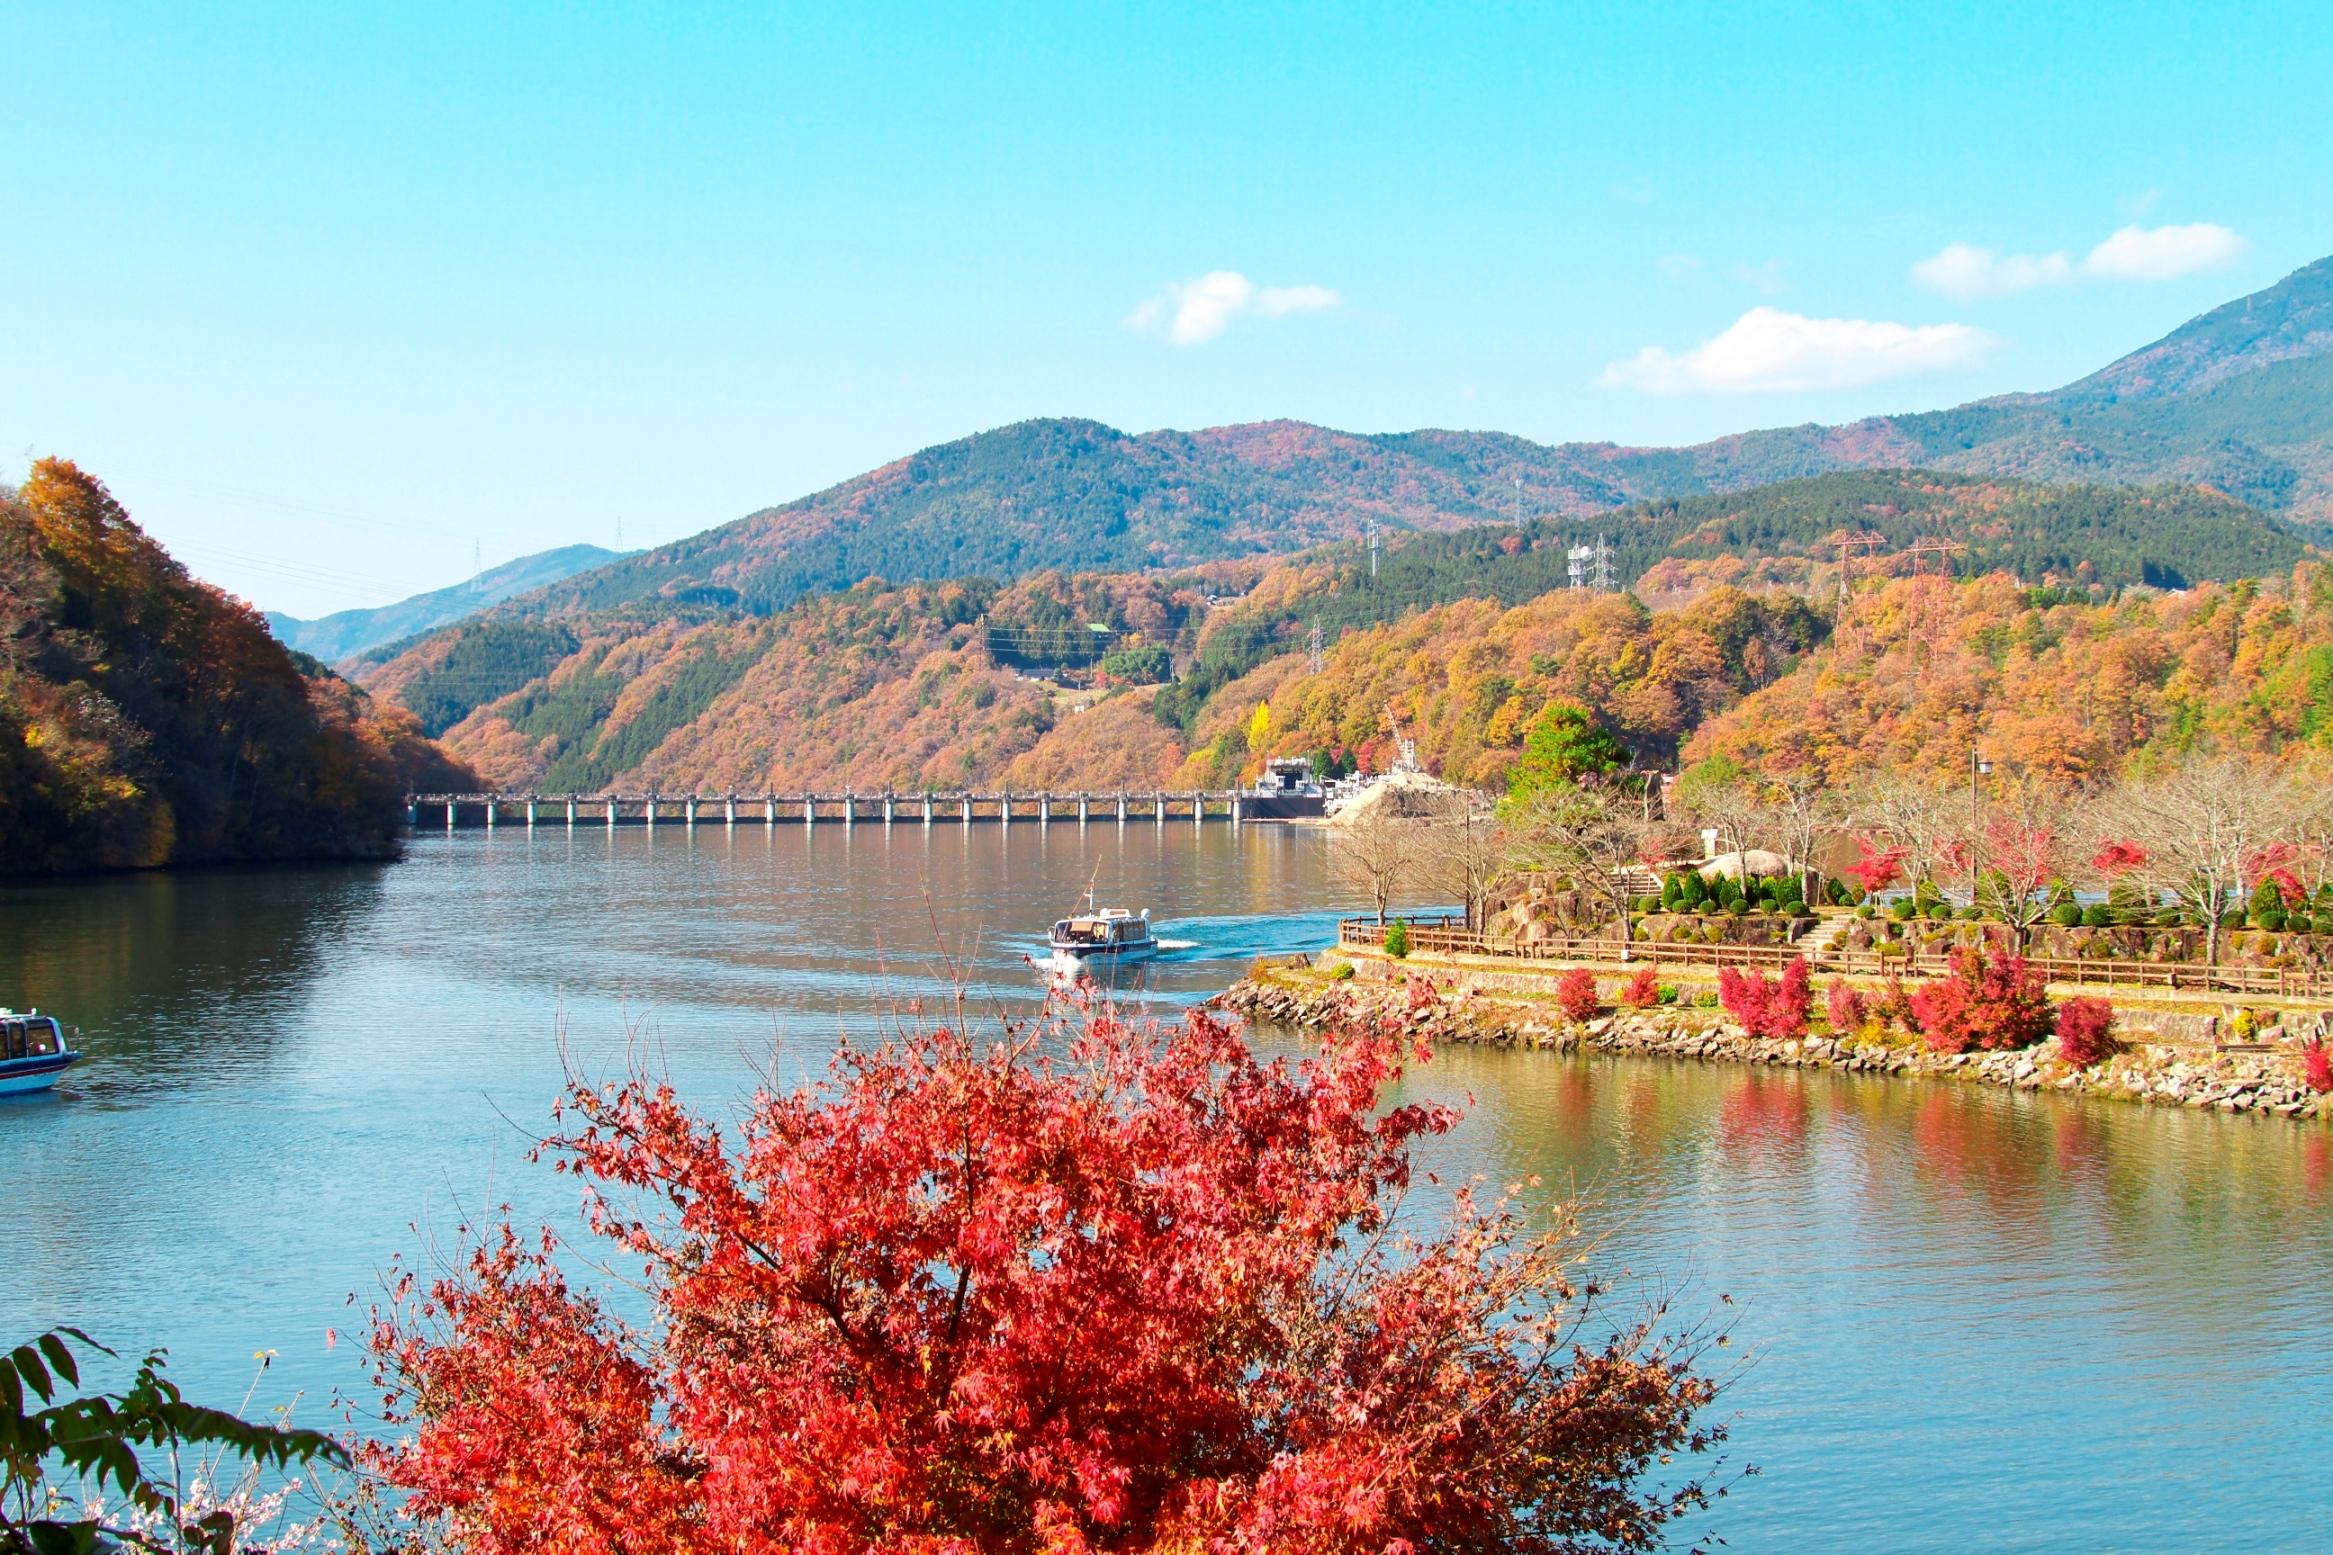 湖面に広がる紅葉を見ながらのクルージング